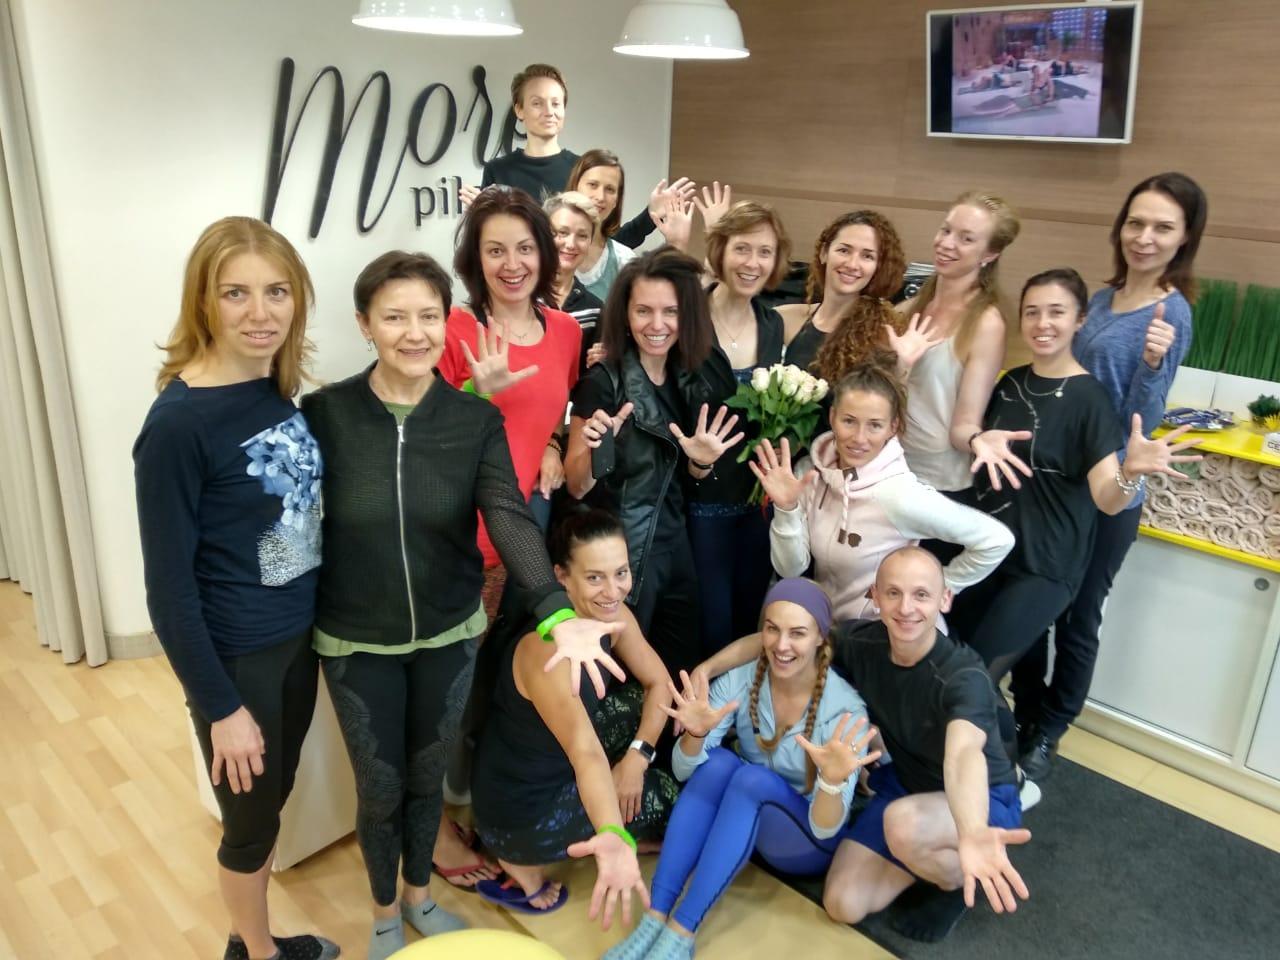 Аттестация мастер-тренеров Balanced Body по региону Восточная Европа